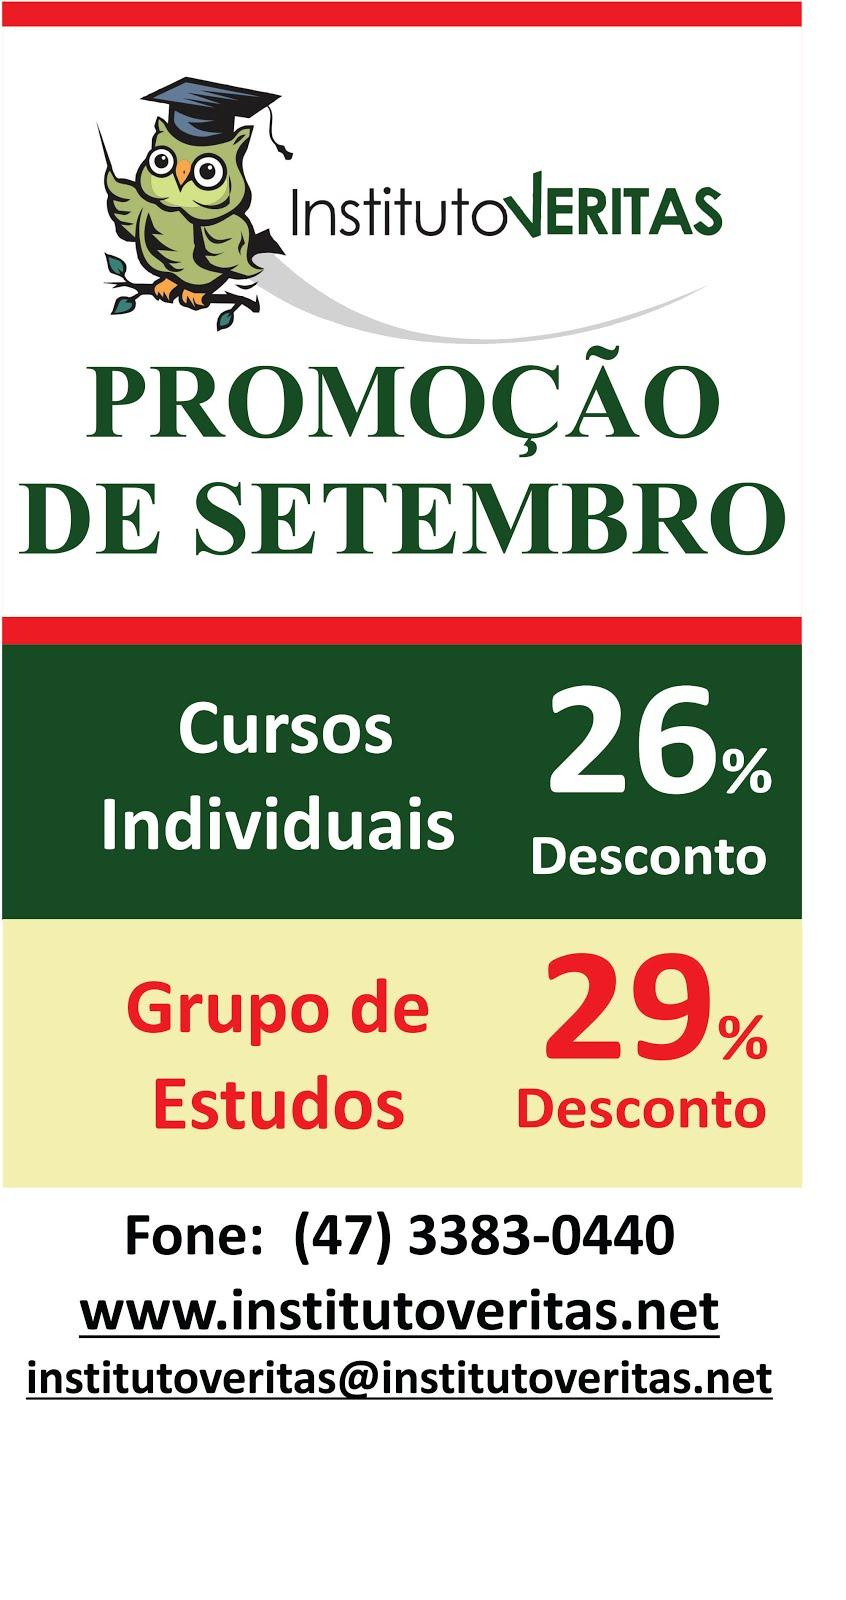 Promoção de Setembro